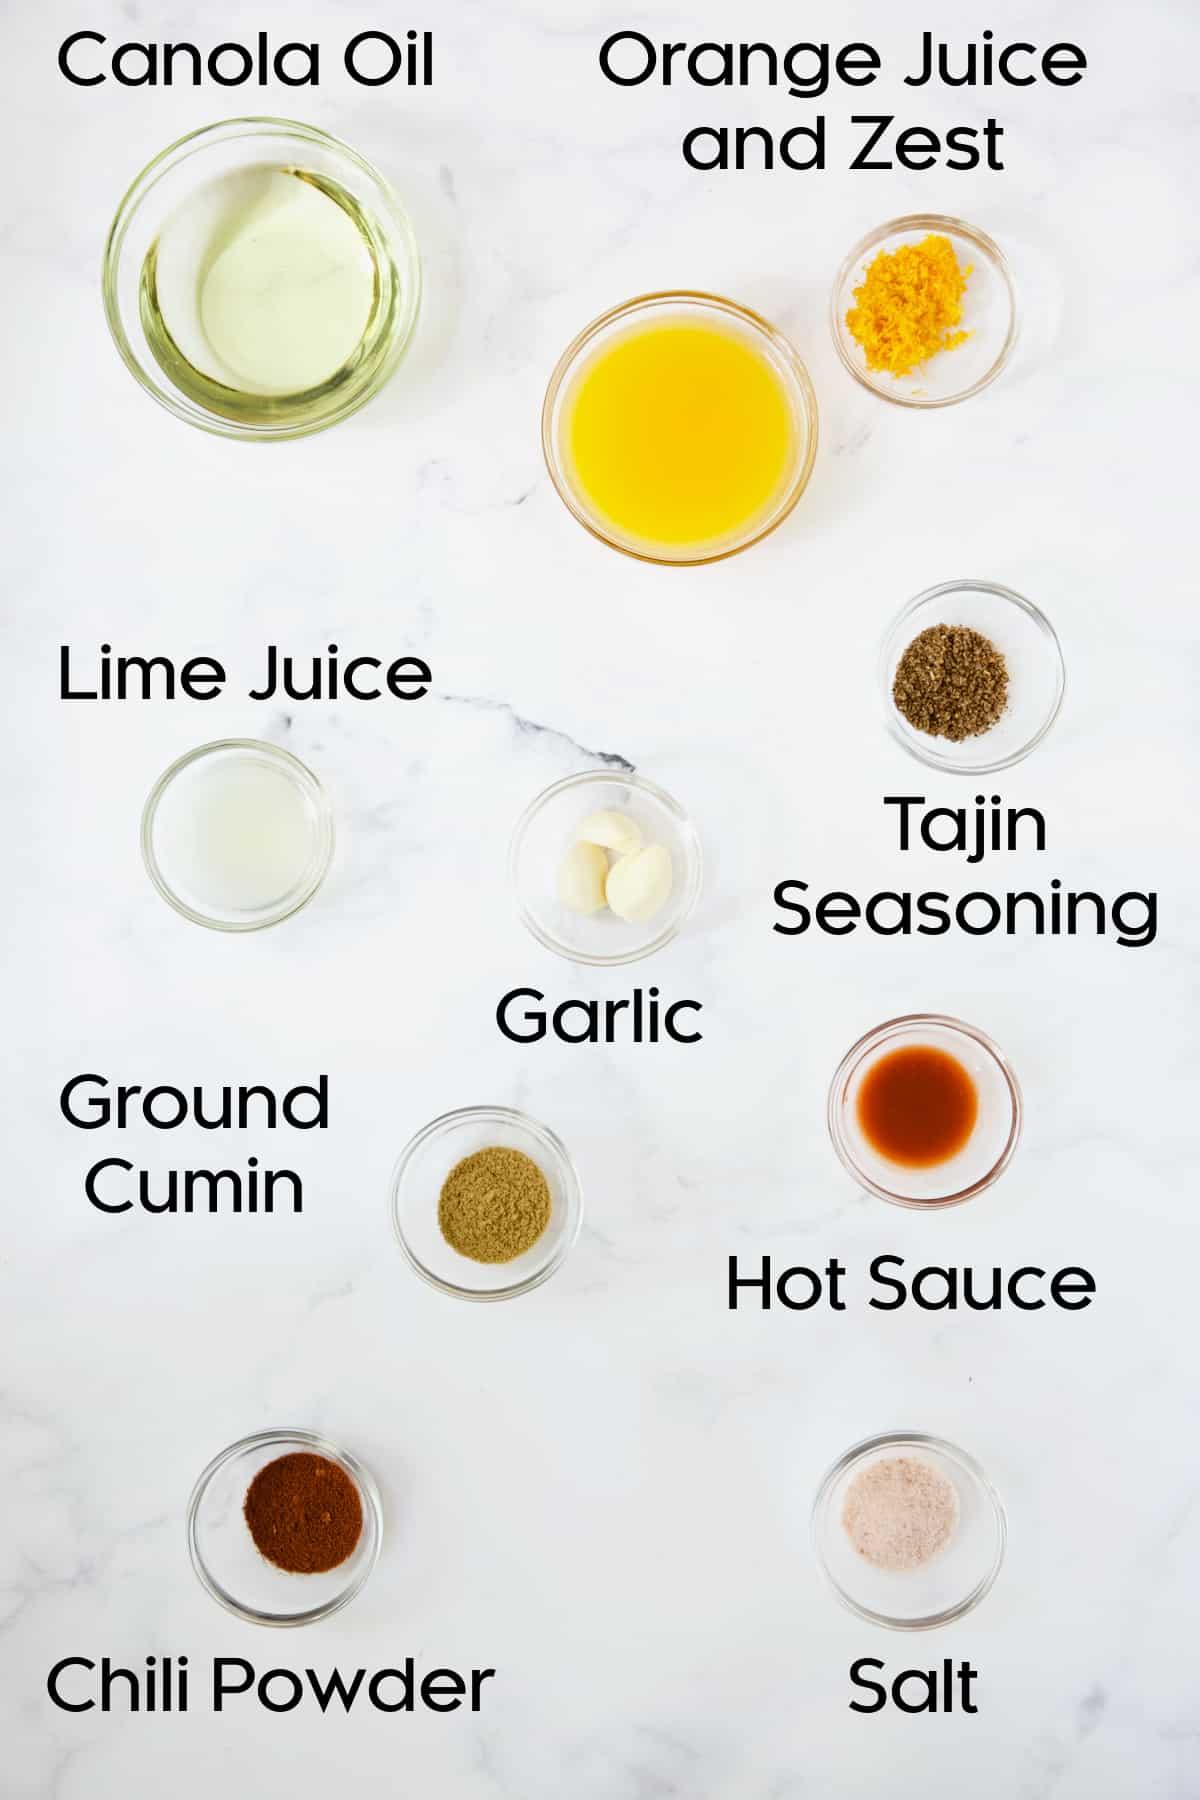 Ingredients for marinade for Grilled Tajin-Seasoned Chicken Fajitas in glass bowls.